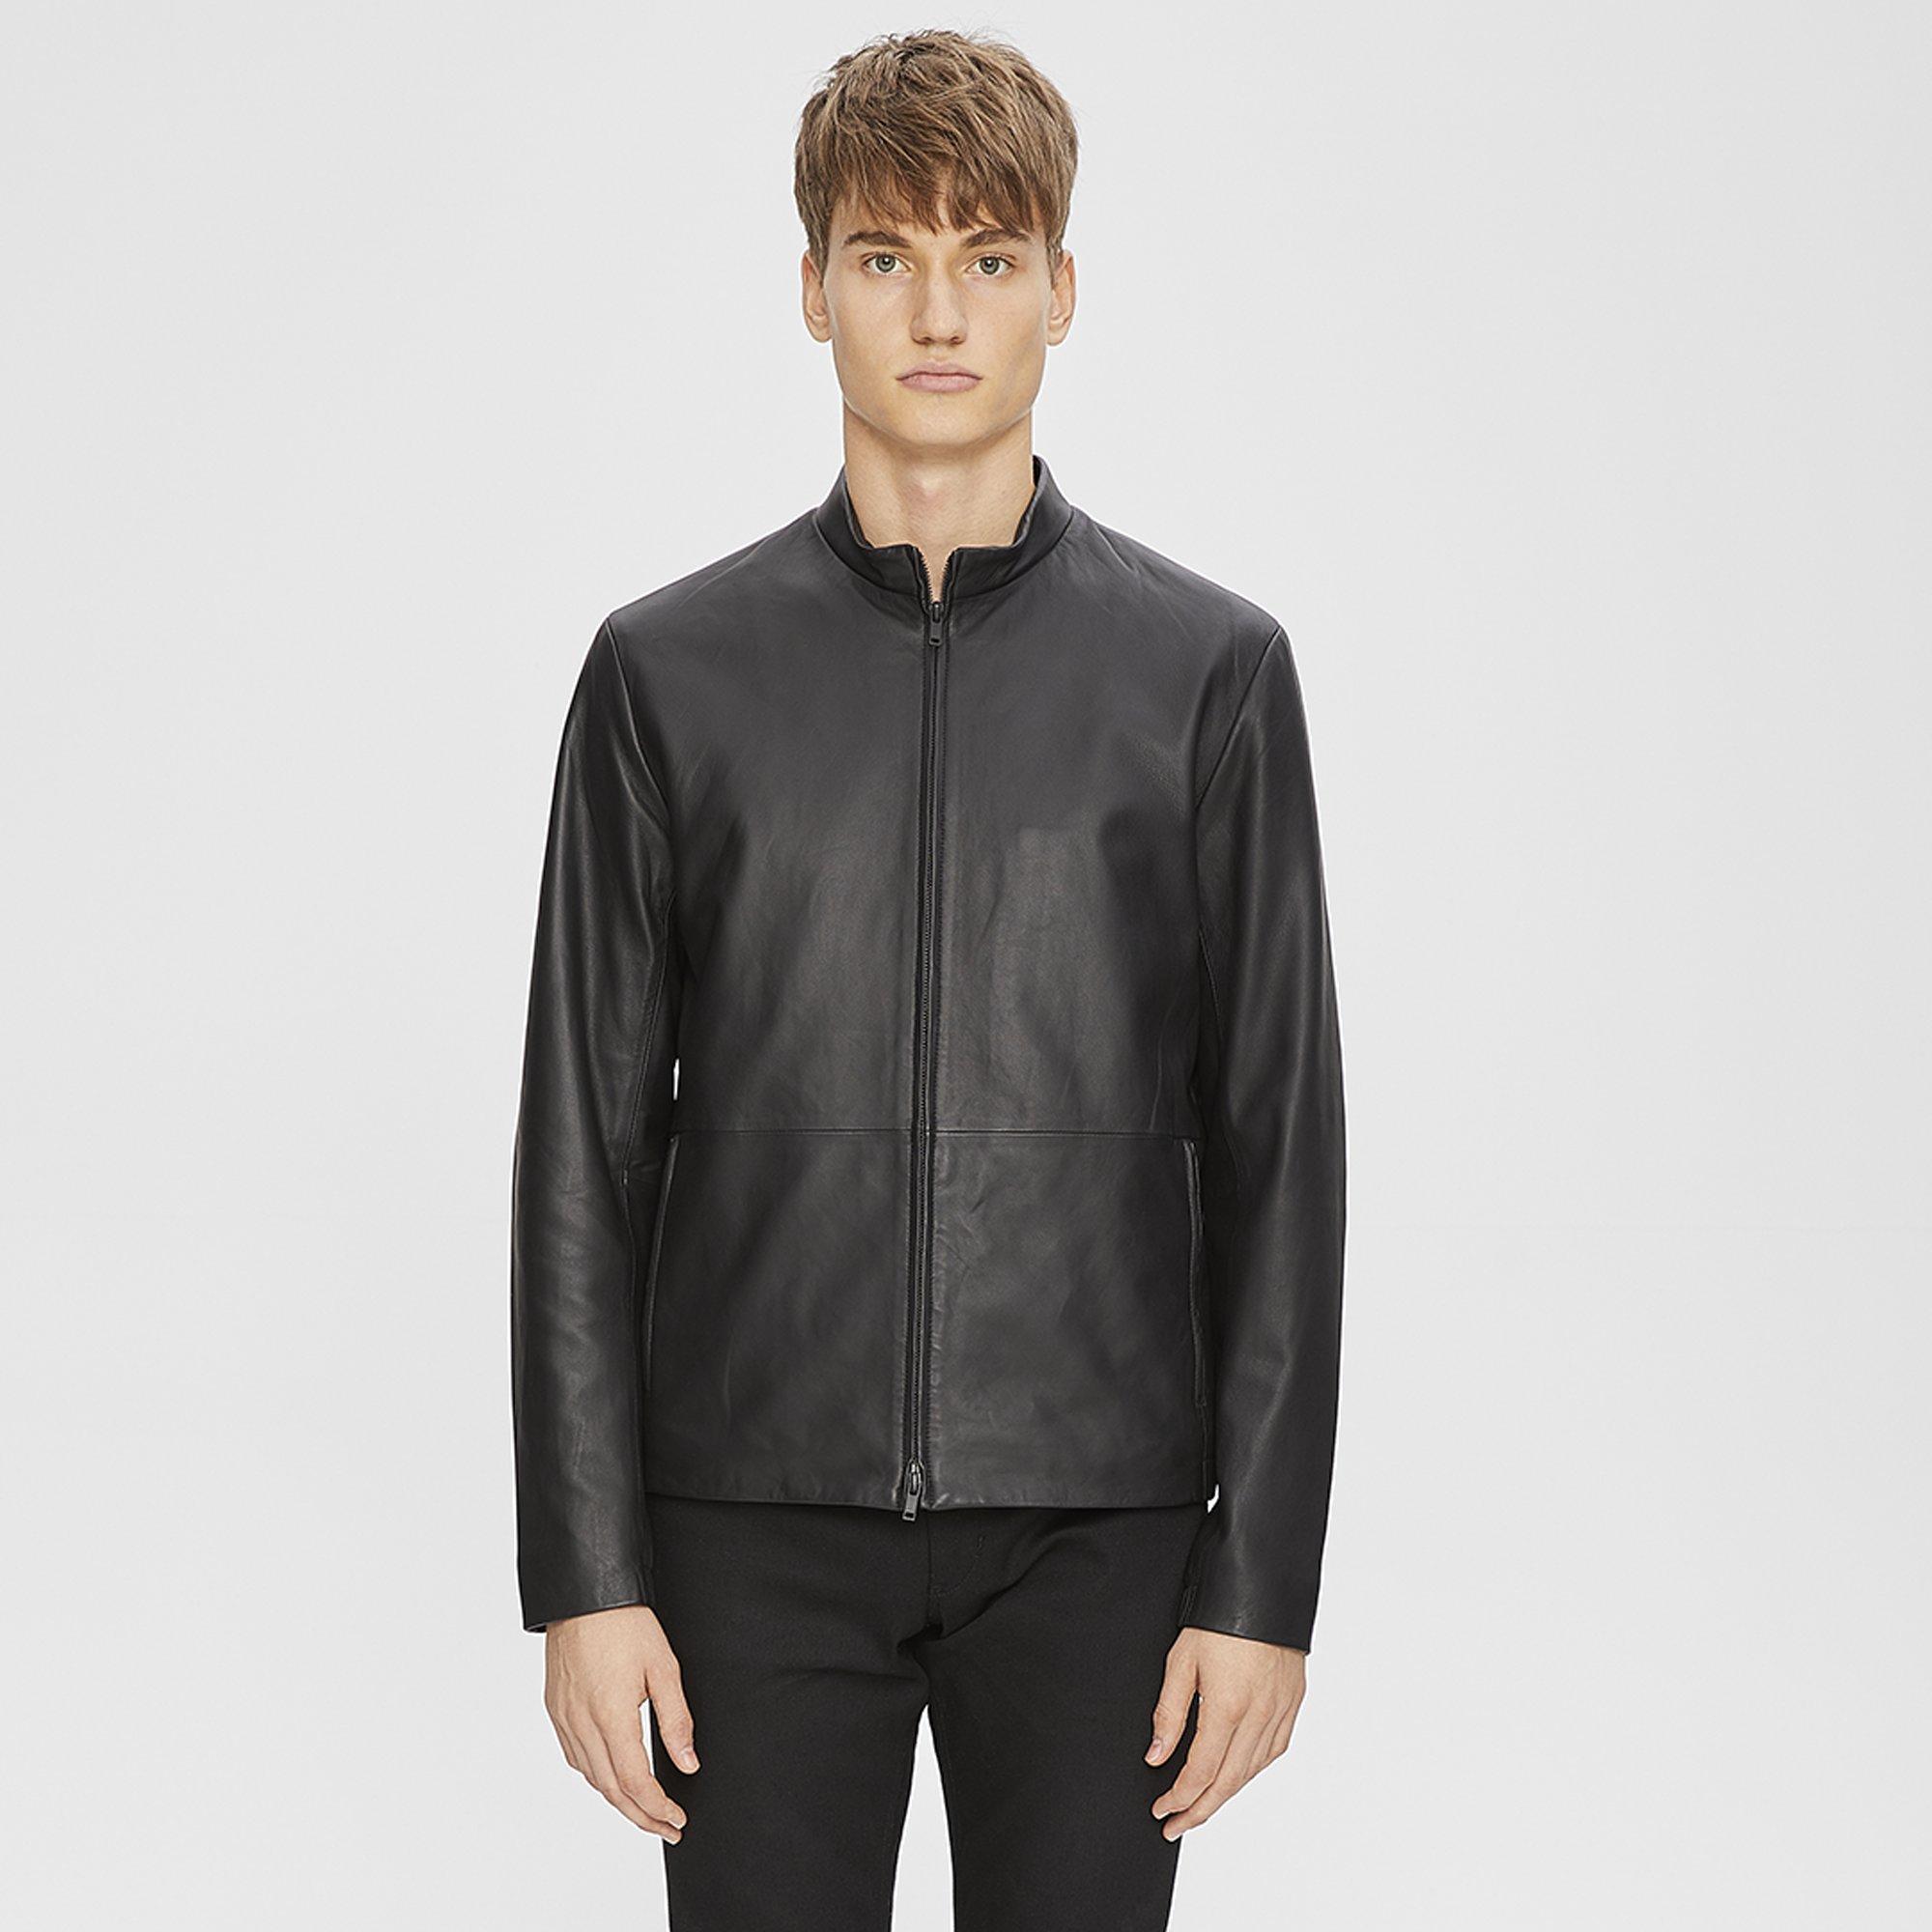 Theory leather sleeve jacket